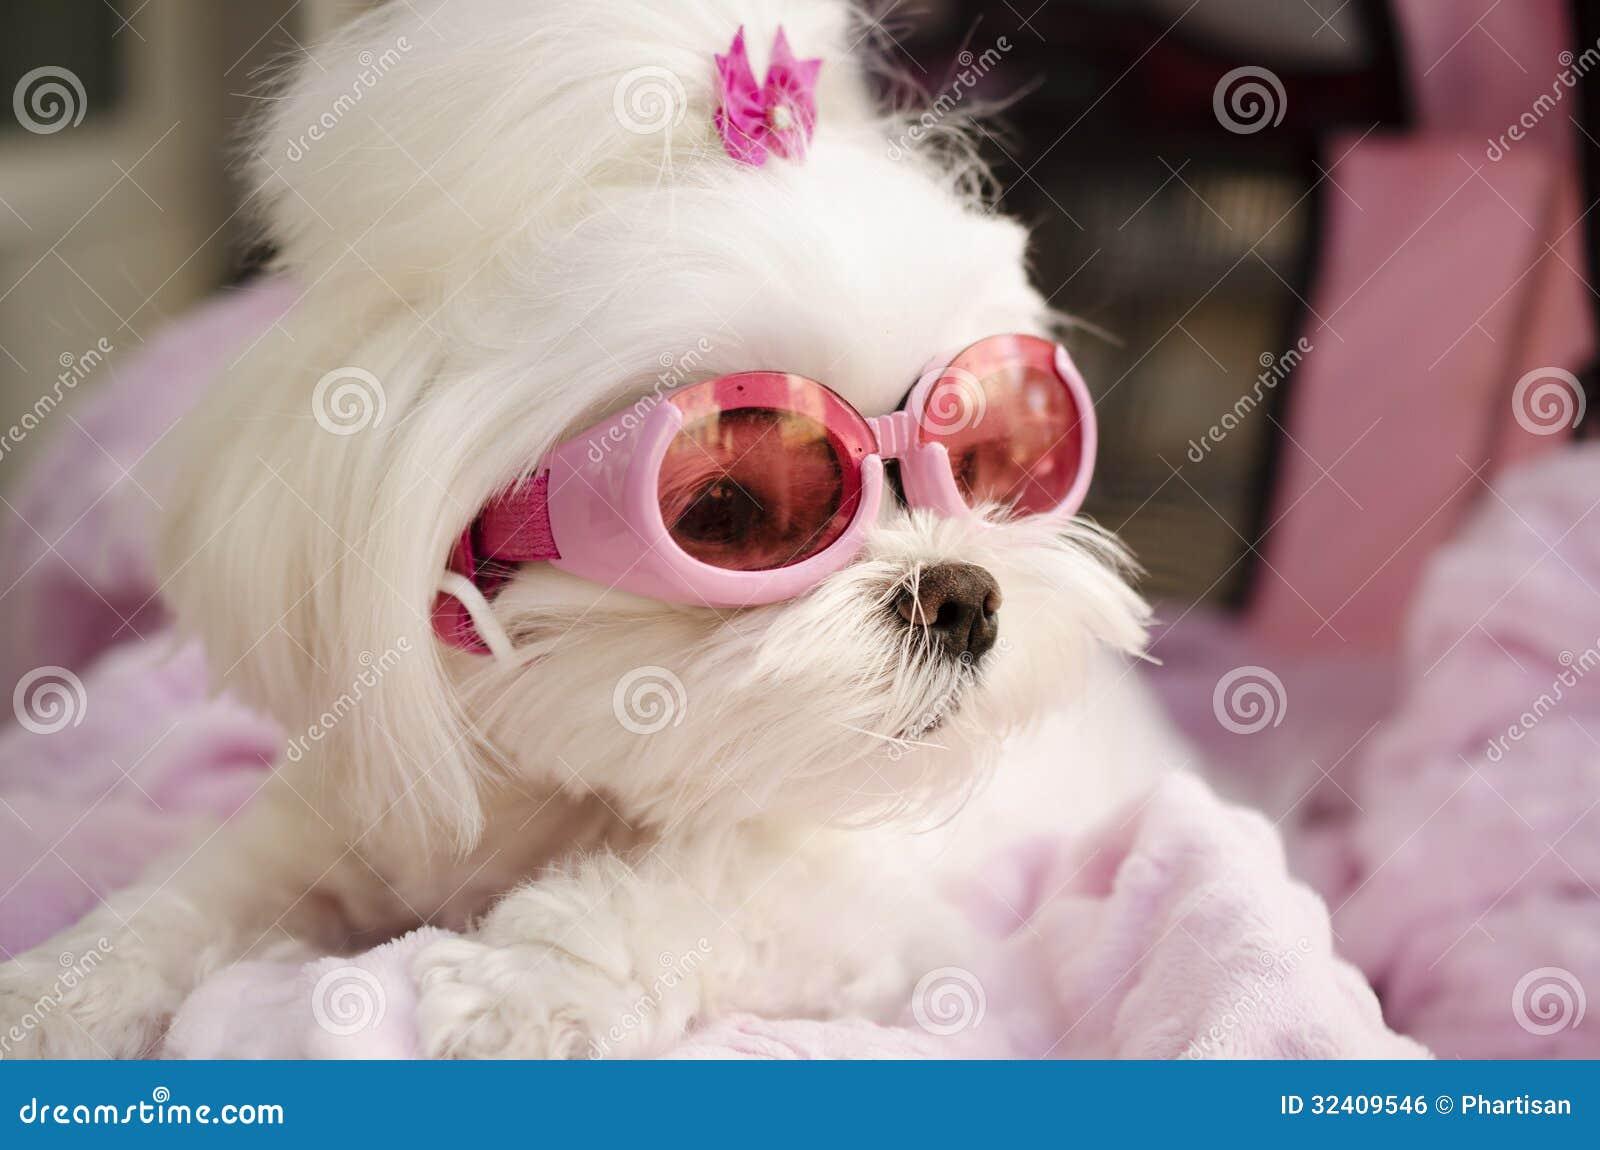 马尔他逗人喜爱的时尚歌剧女主角的小狗